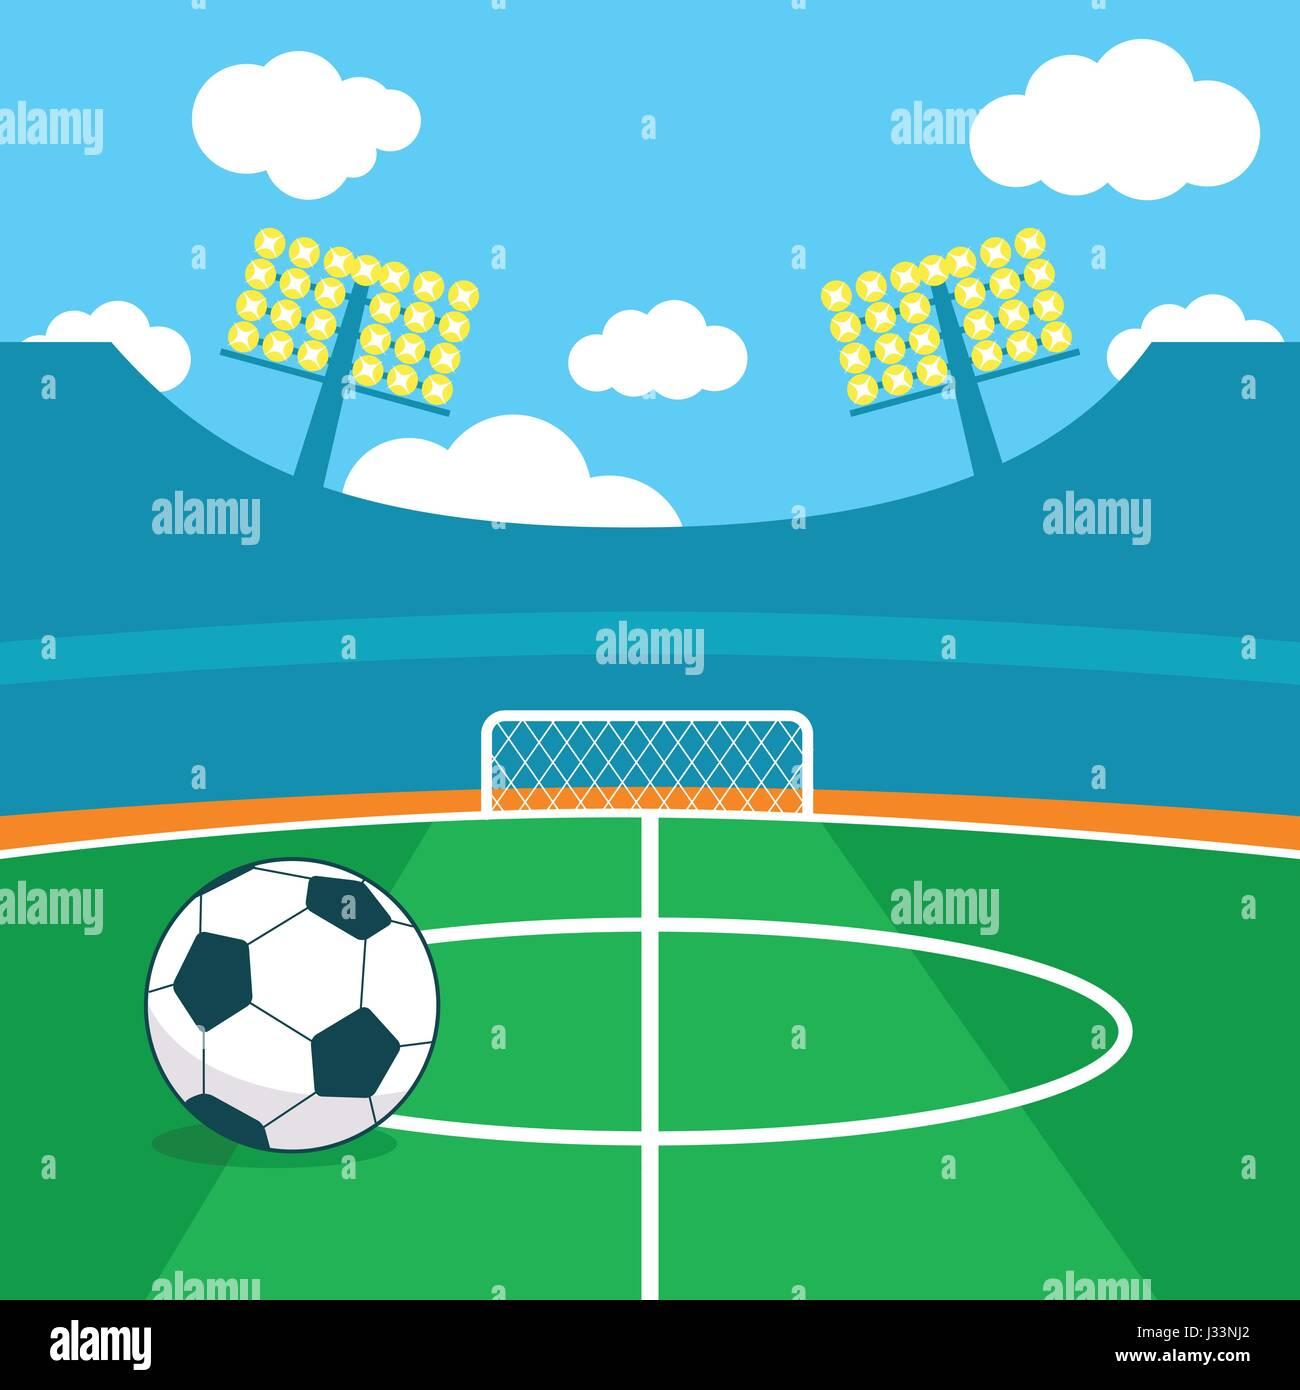 Estadio de fútbol y un balón de fútbol ilustración vectorial Imagen De Stock 70ee14c7312